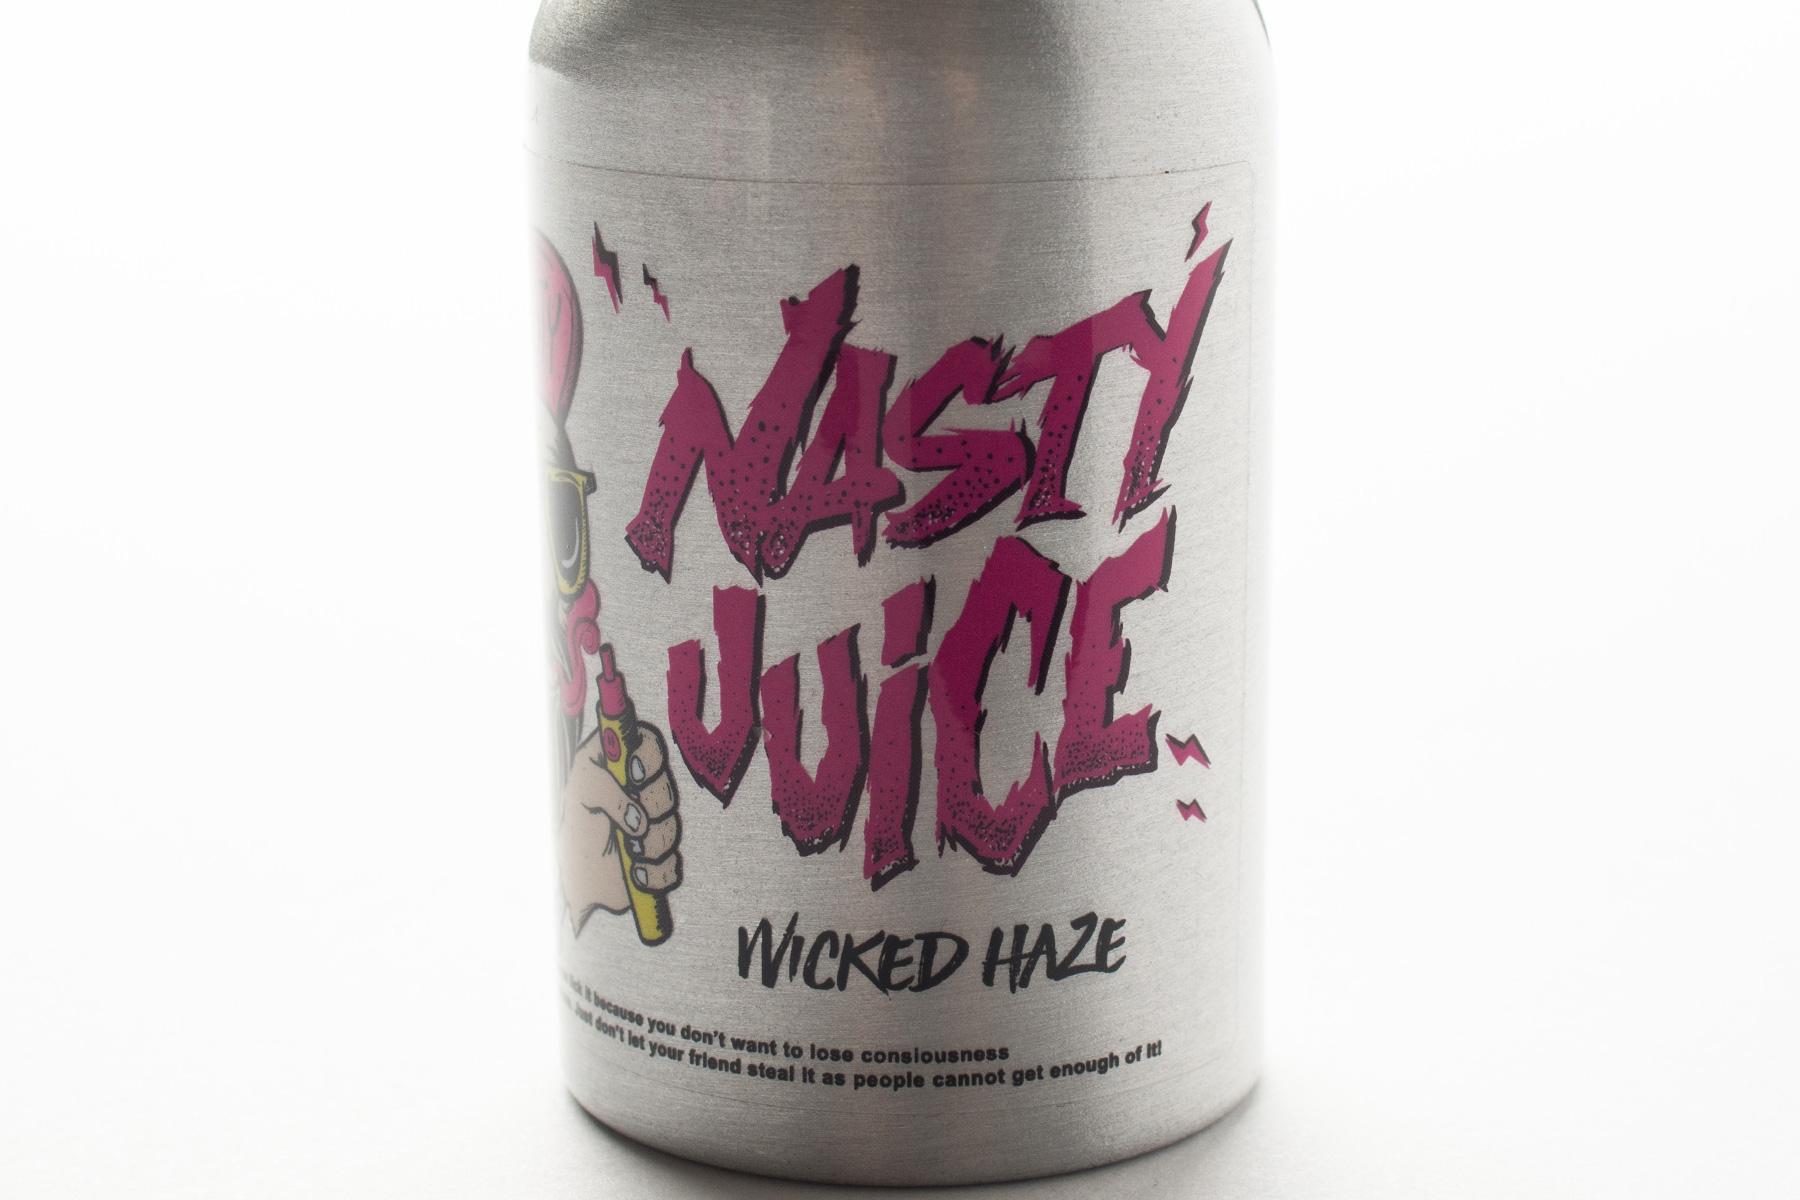 【リキッド】WICKED HAZE「ウィキッド・ヘイズ」 (NASTY JUICE/ナスティ・ジュース) レビュー